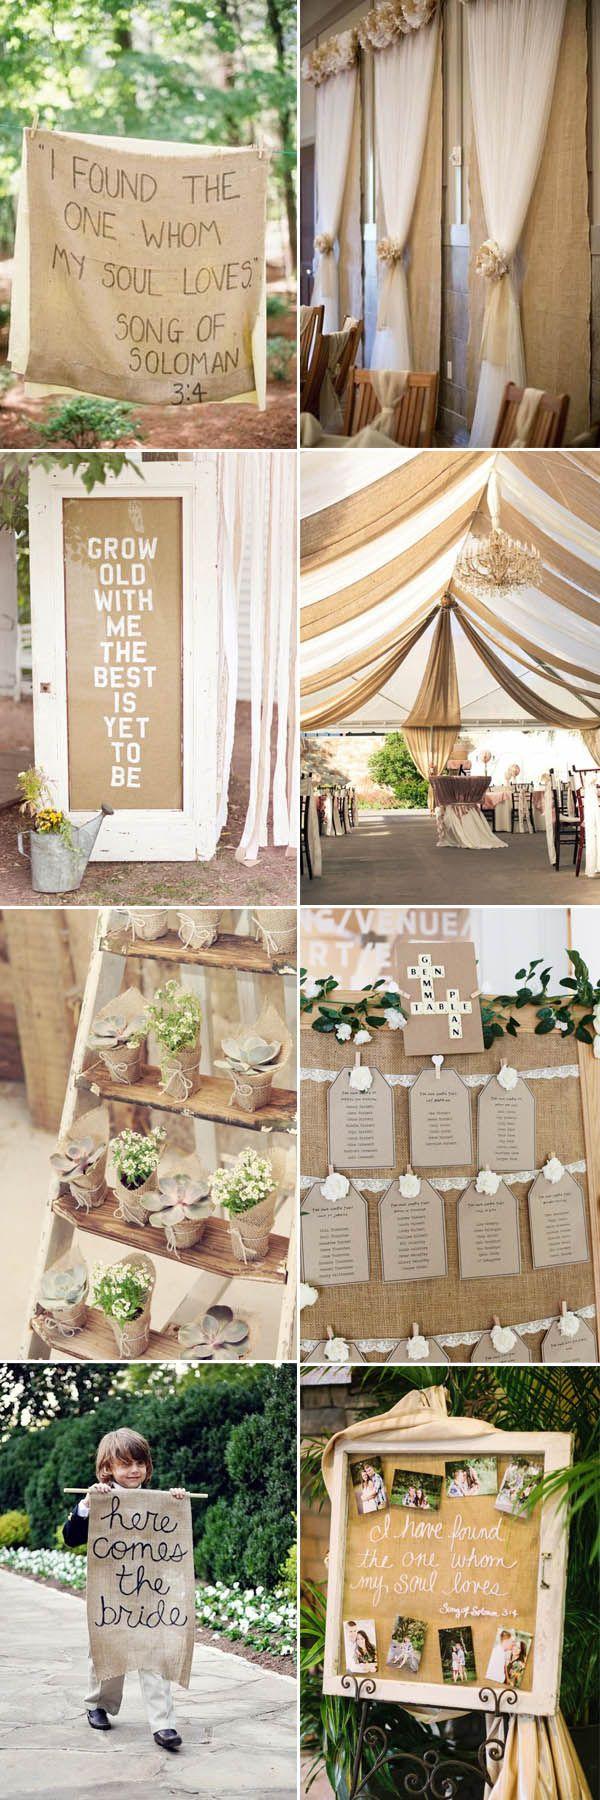 Wedding and Wedding stuff